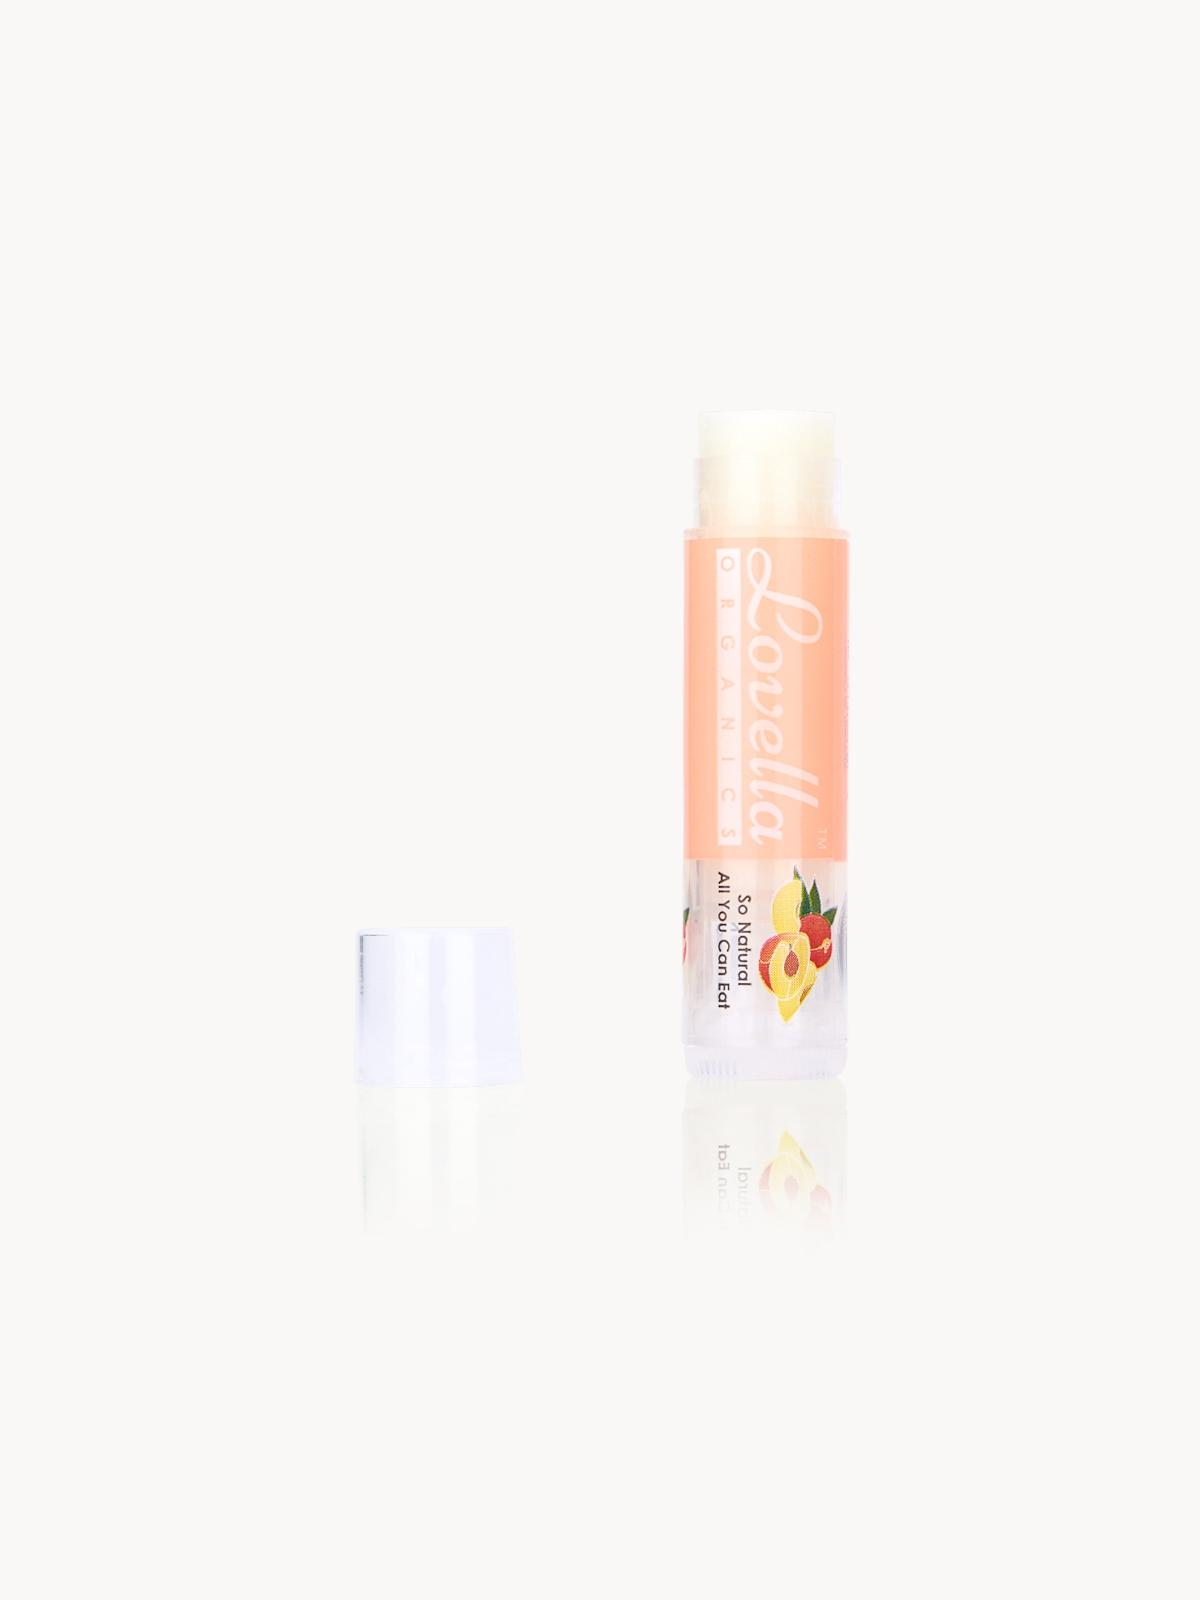 Lovella Organics Lip Treatment Peach Tart